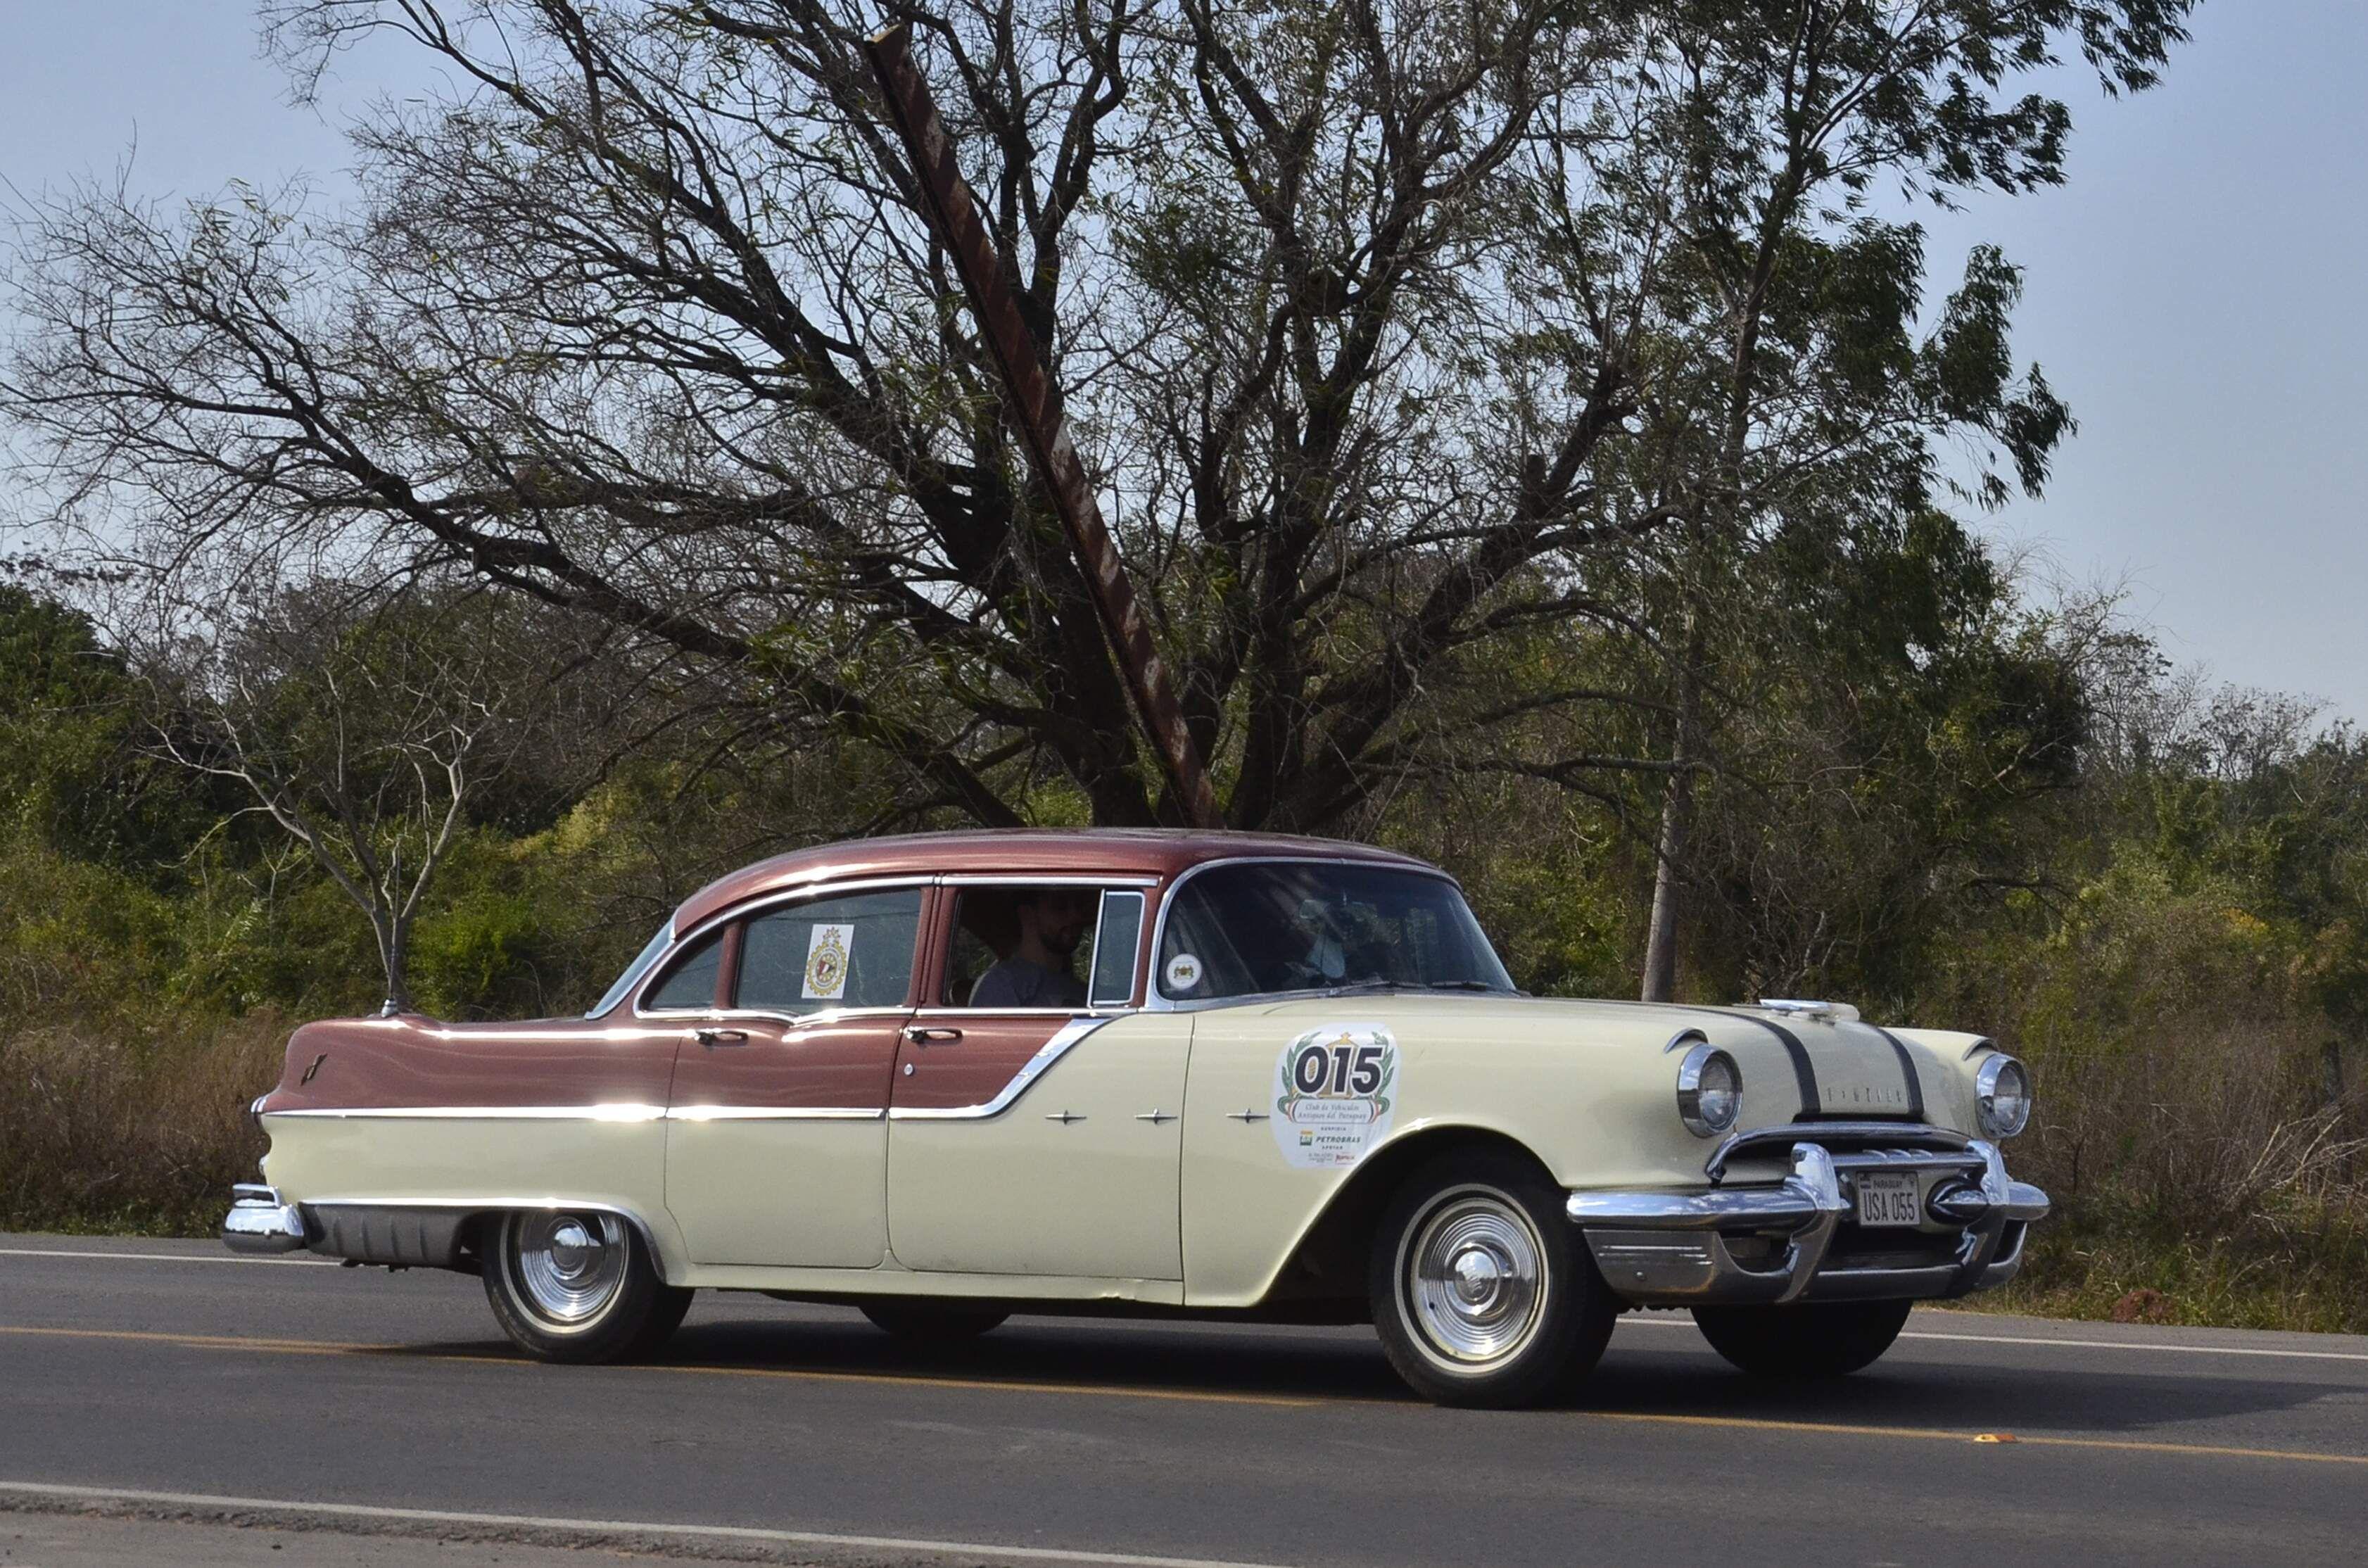 La categoría B quedó en poder de Óscar Weiler y Diego Duarte, tripulando un espectacular Pontiac Star Chief 1955.